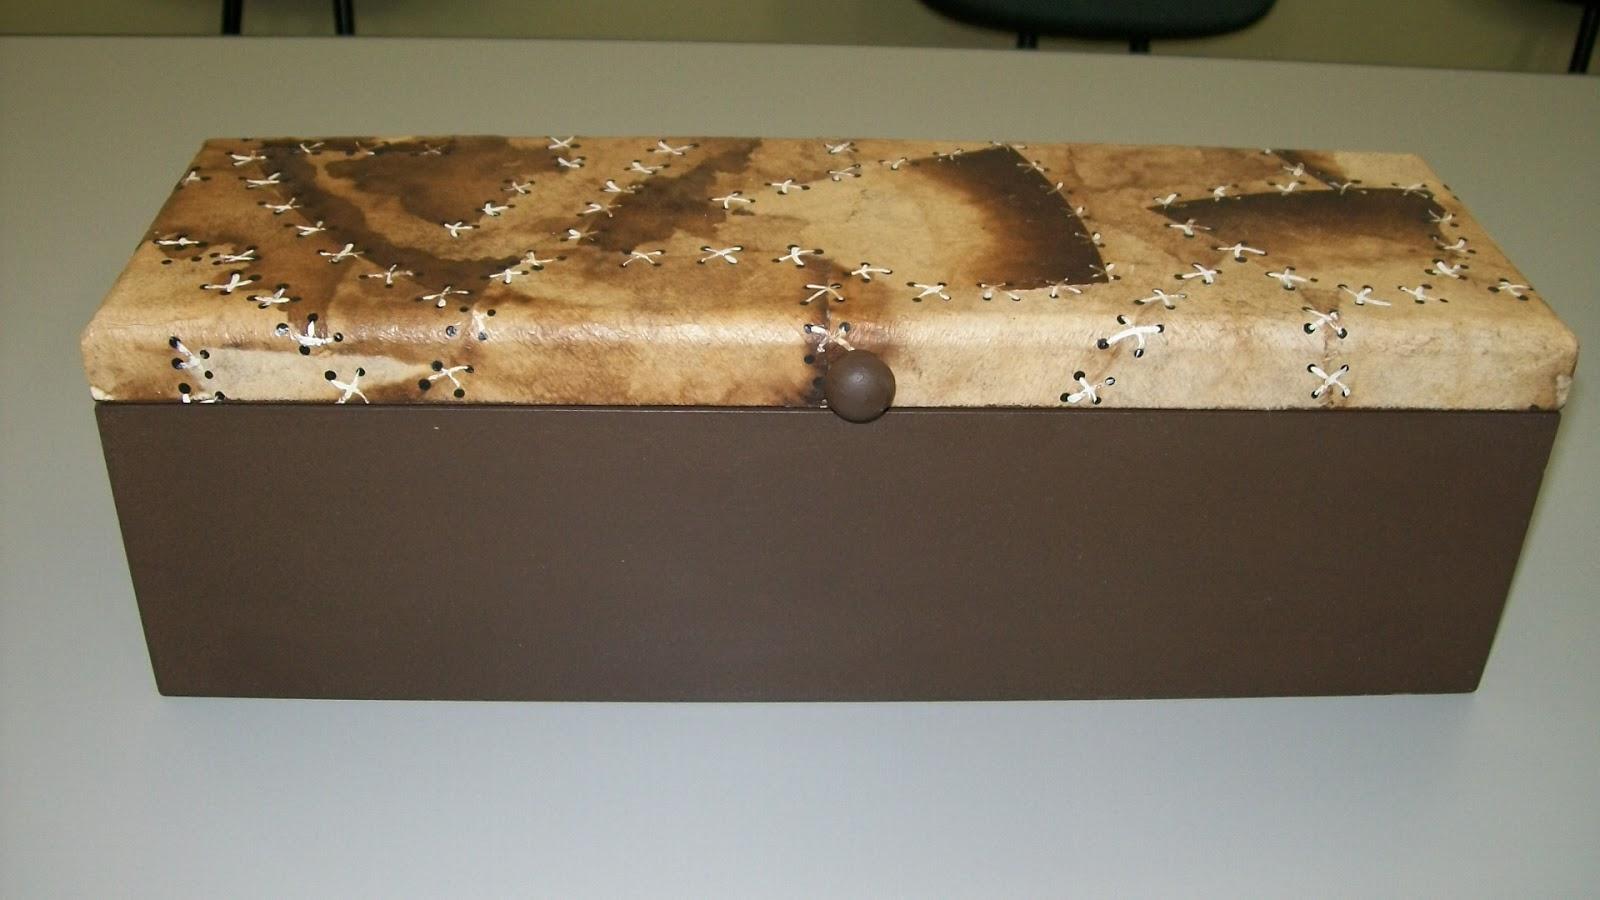 FTP O Artesanato que Você Pode Fazer!: Caixa de MDF para Garrafa #8D6C3E 1600x900